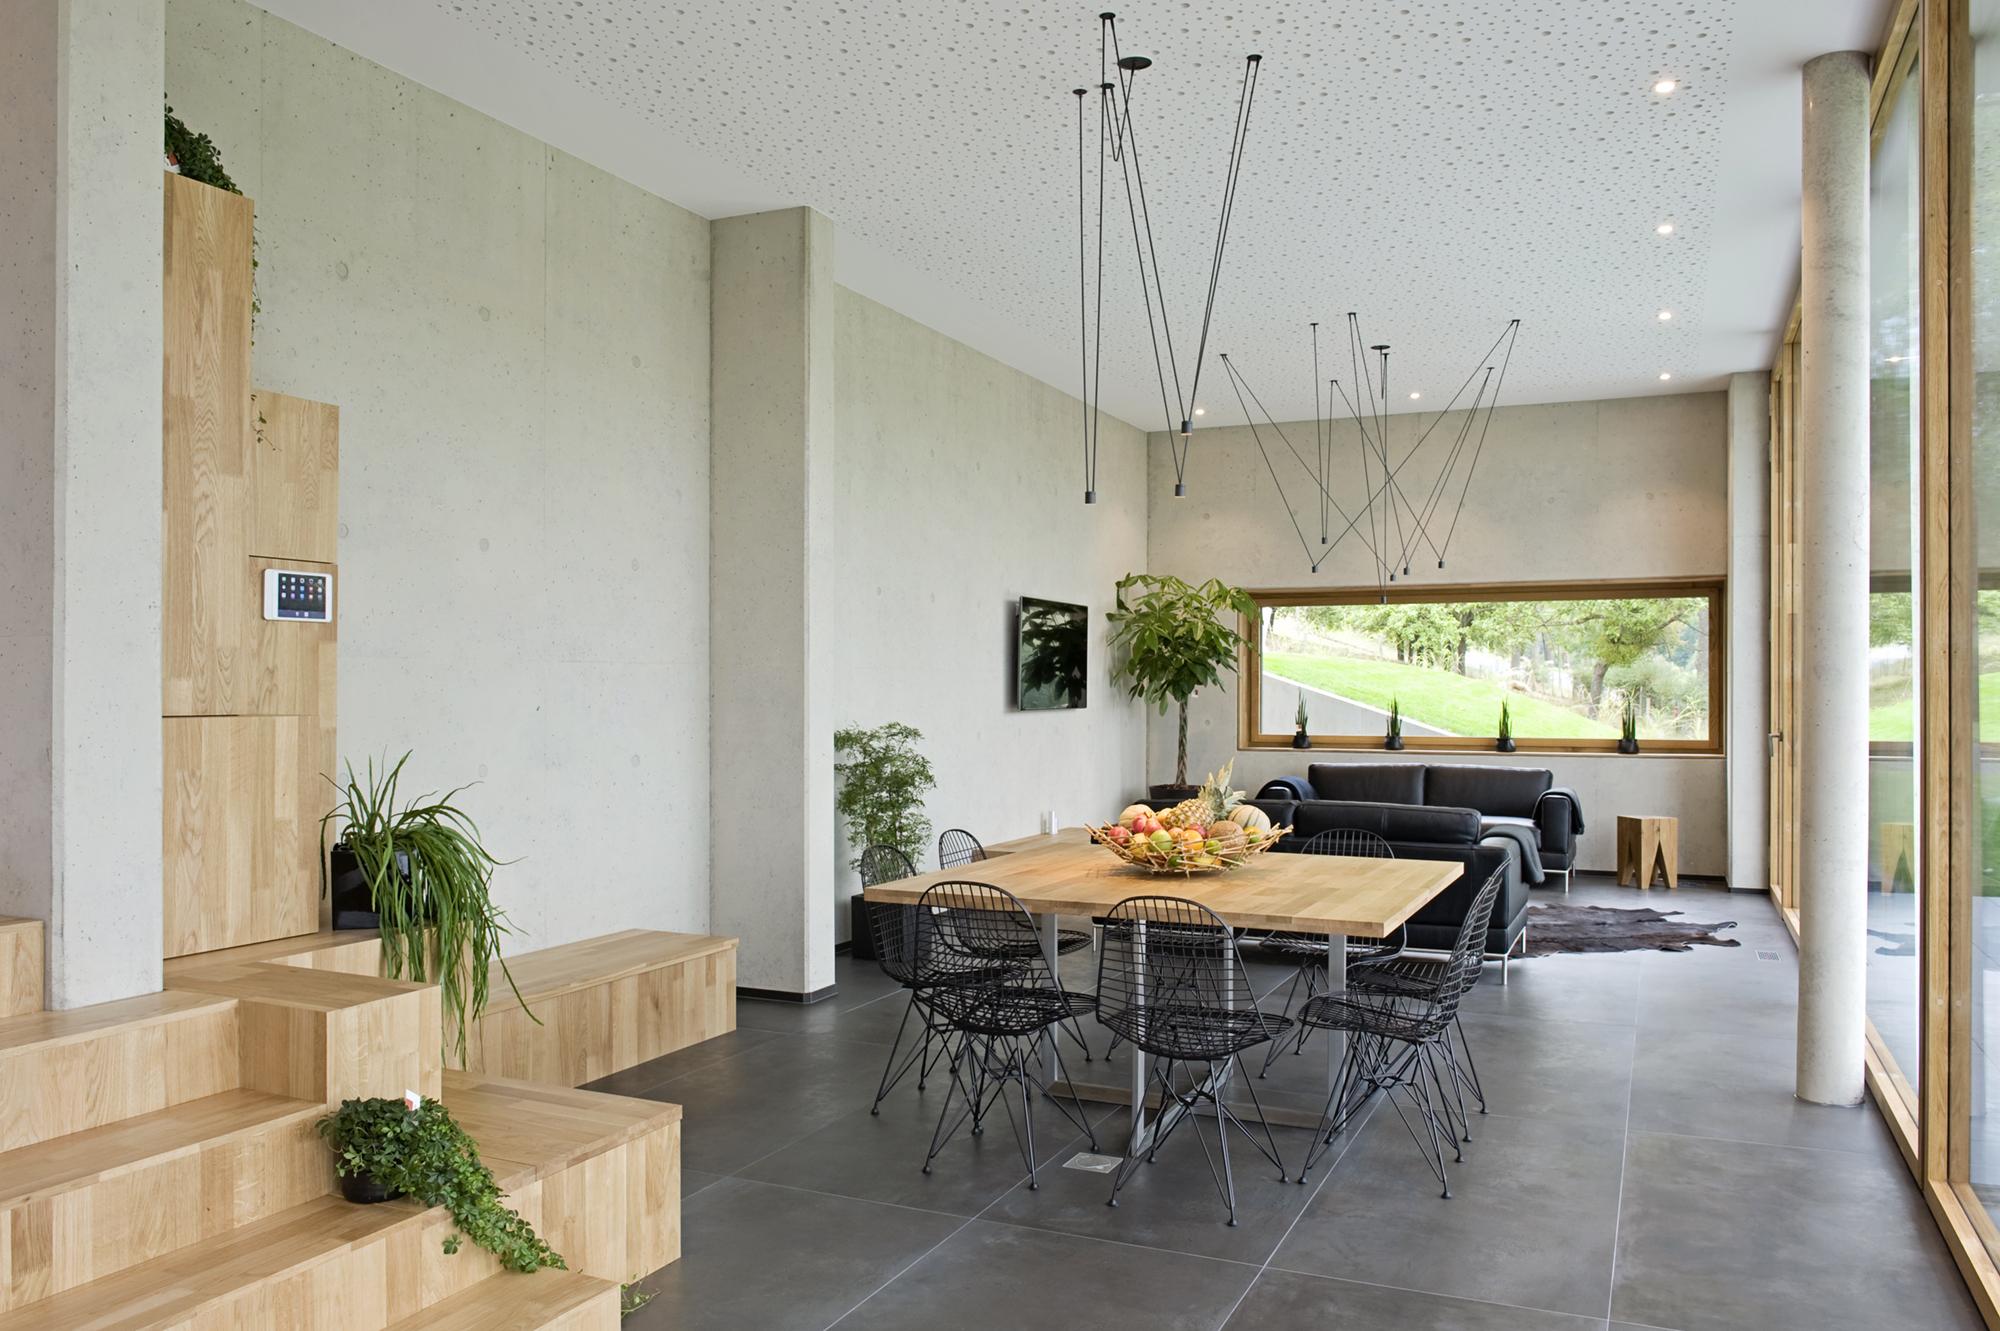 Maison unifamiliale hybride en béton et bois massif ...